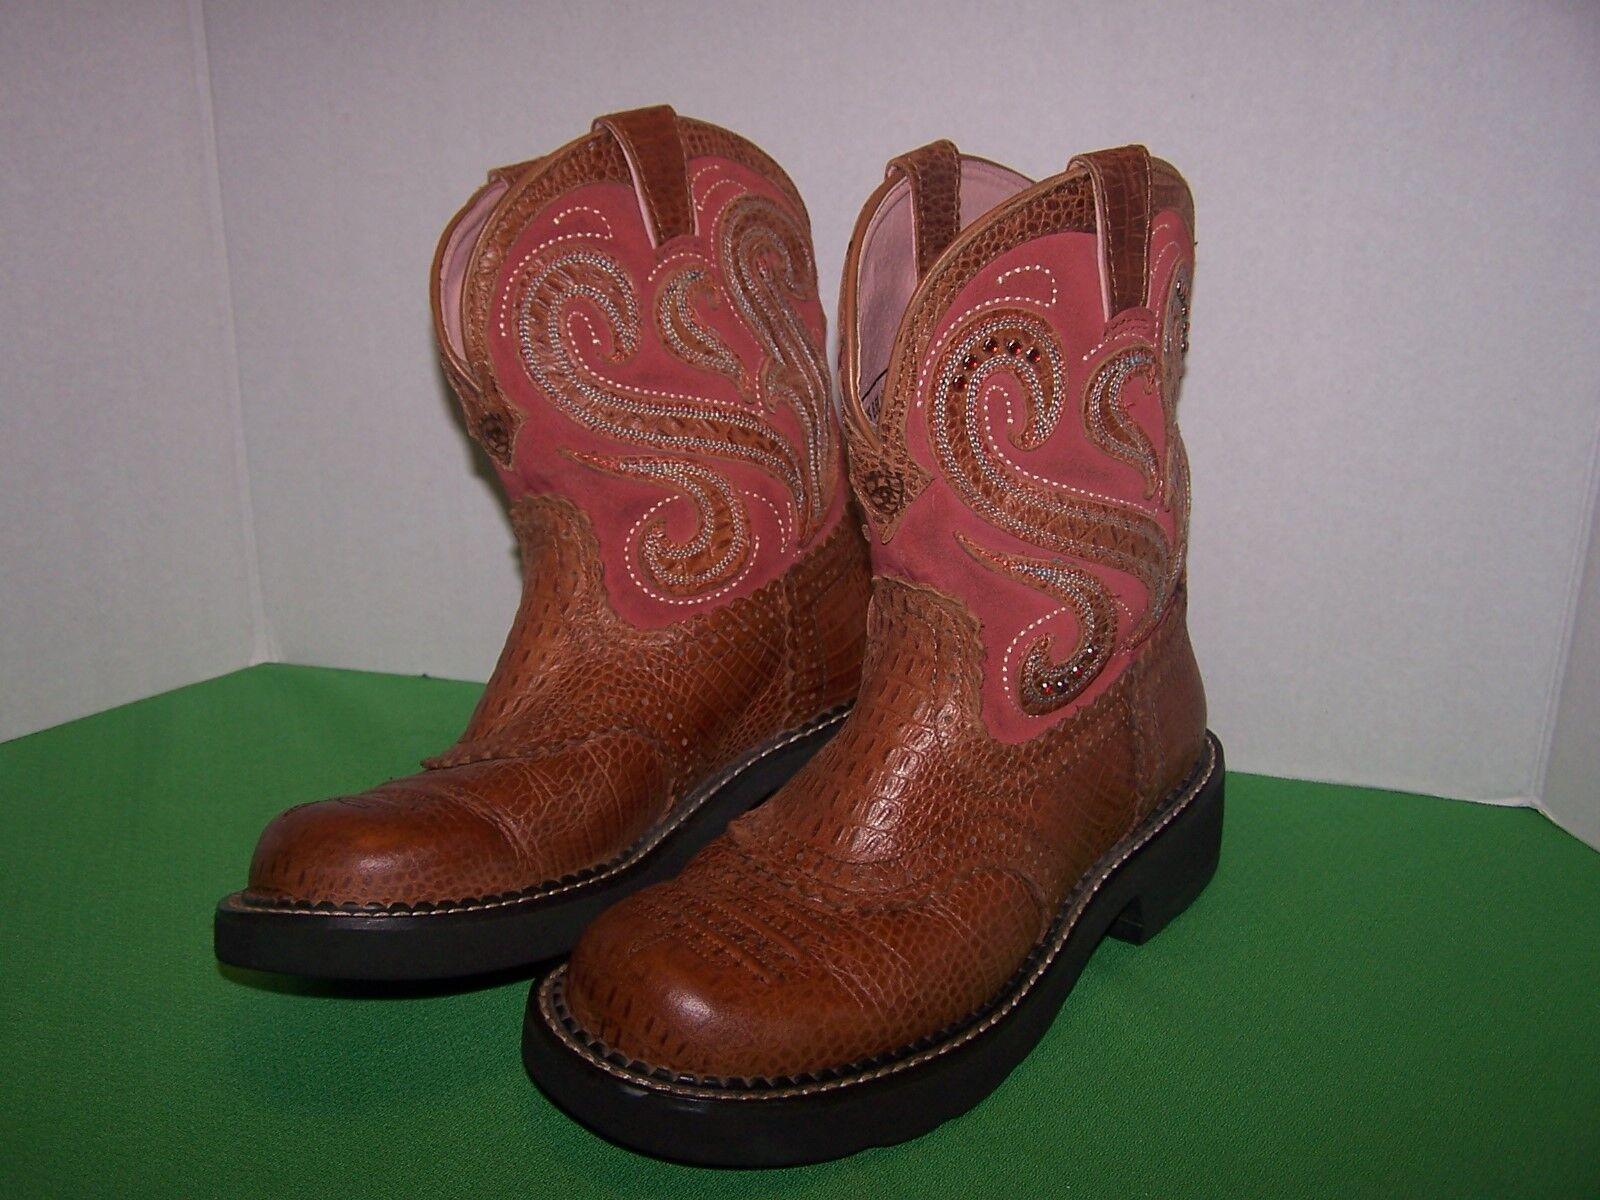 Ariat Fatbaby Cowgirl Stiefel Größe 6.5 Braun and pink